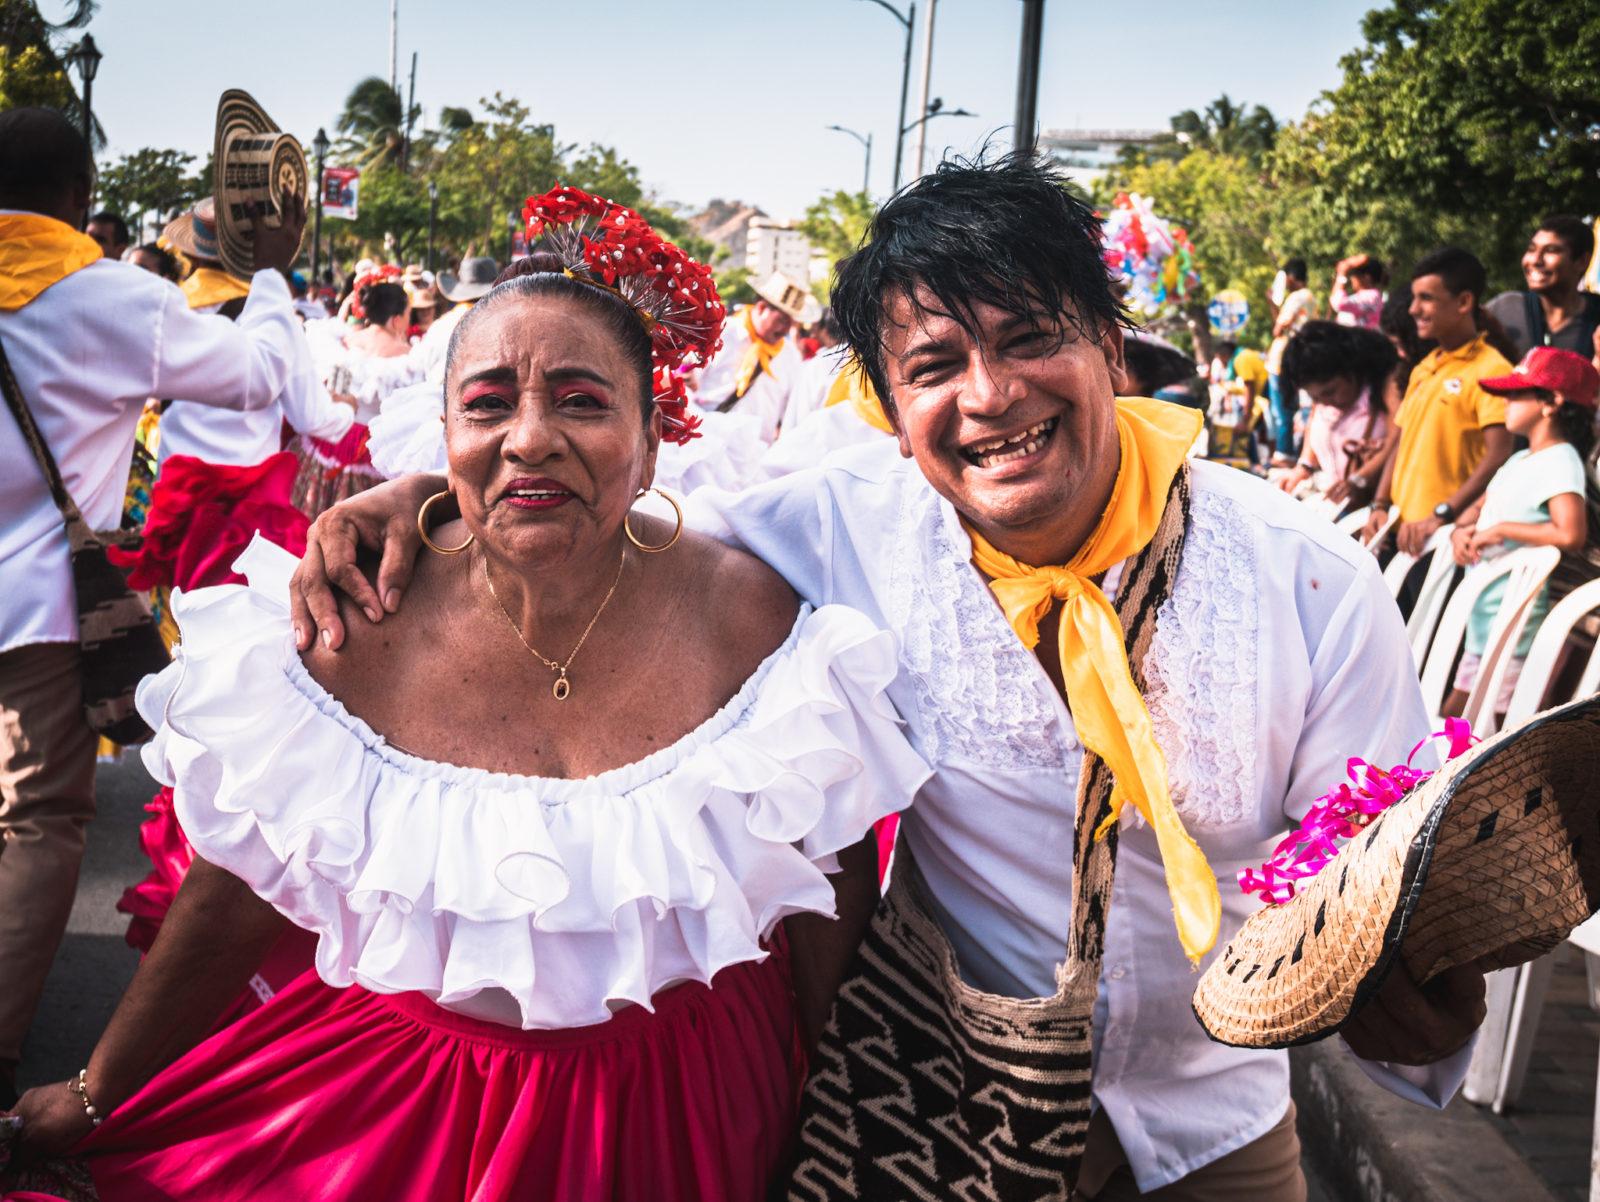 Fiesta del Mar